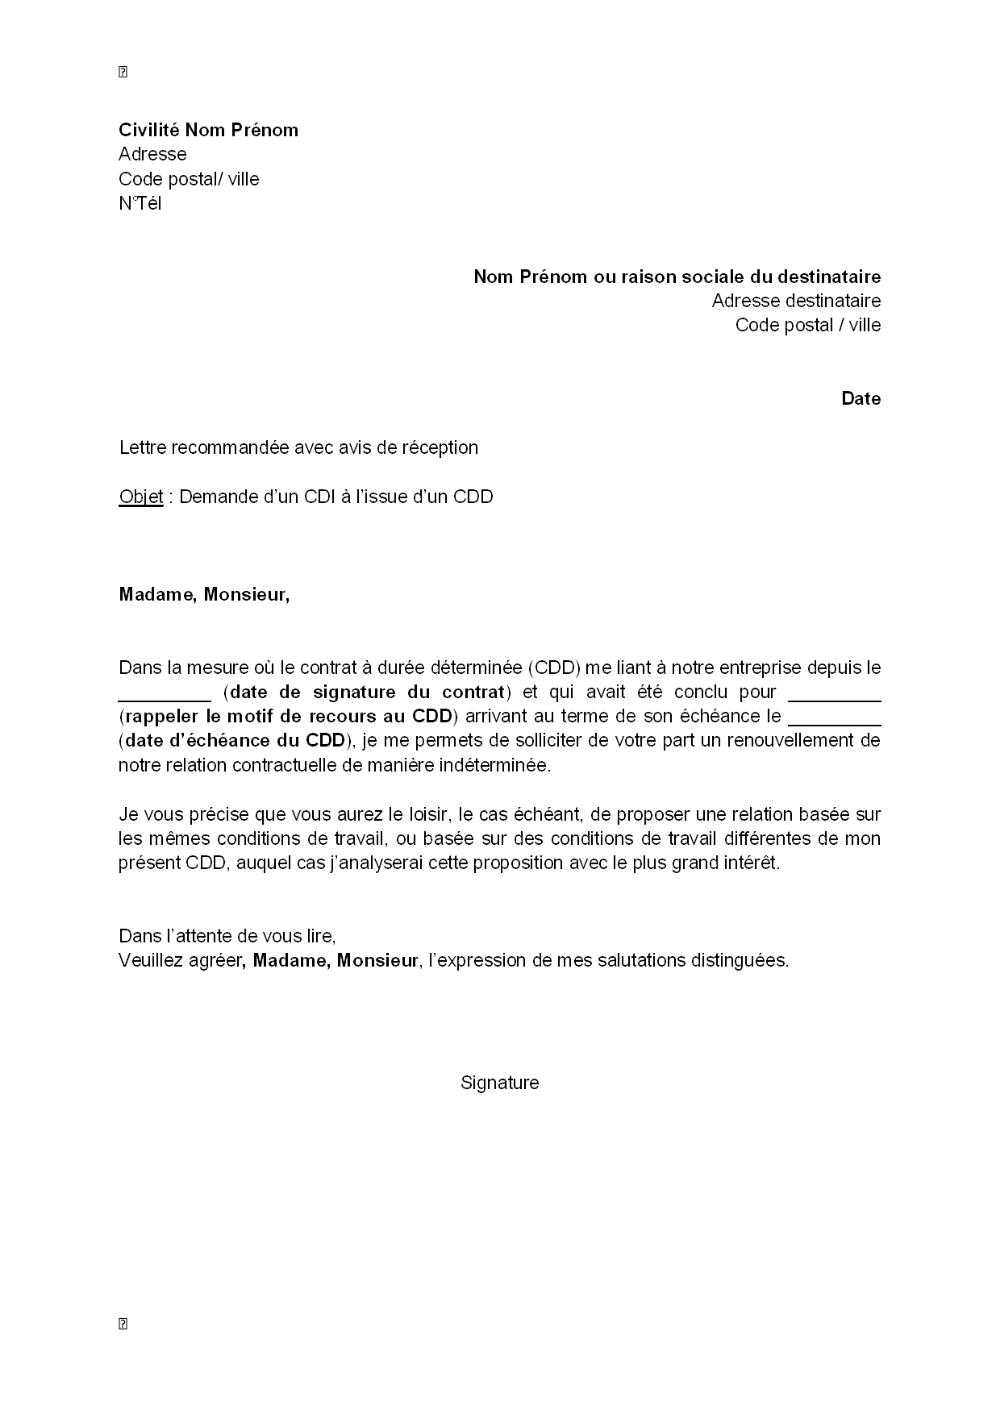 Lettre De Demande D Un Cdi à L Issue D Un Cdd Modèle De